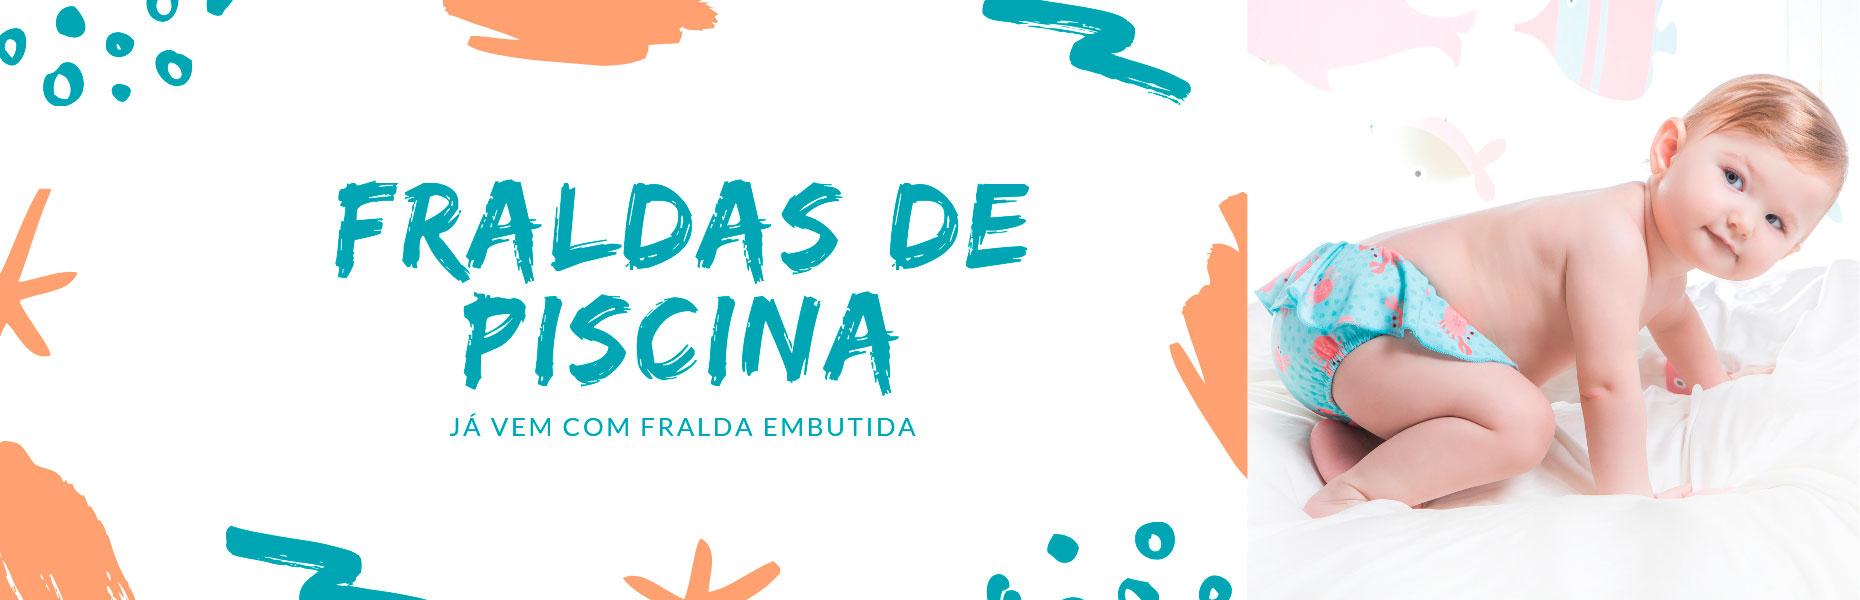 Fralda de Piscina